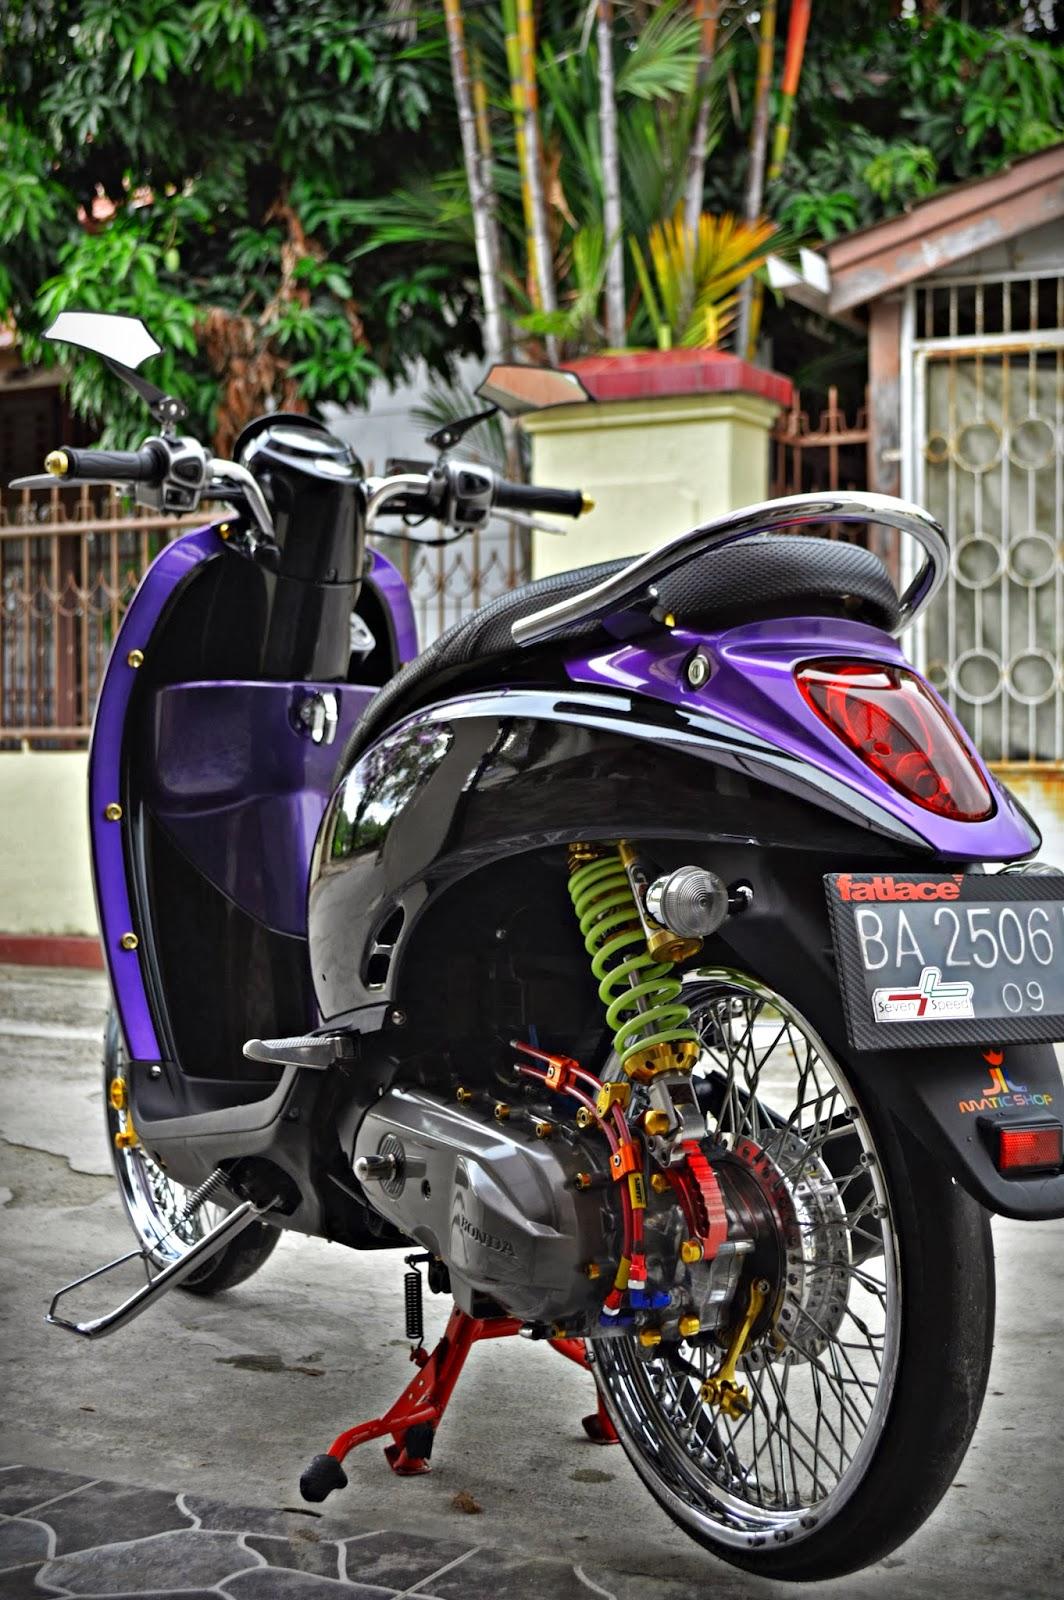 Gambar Modifikasi Motor Scoopy Modifikasi Yamah NMAX